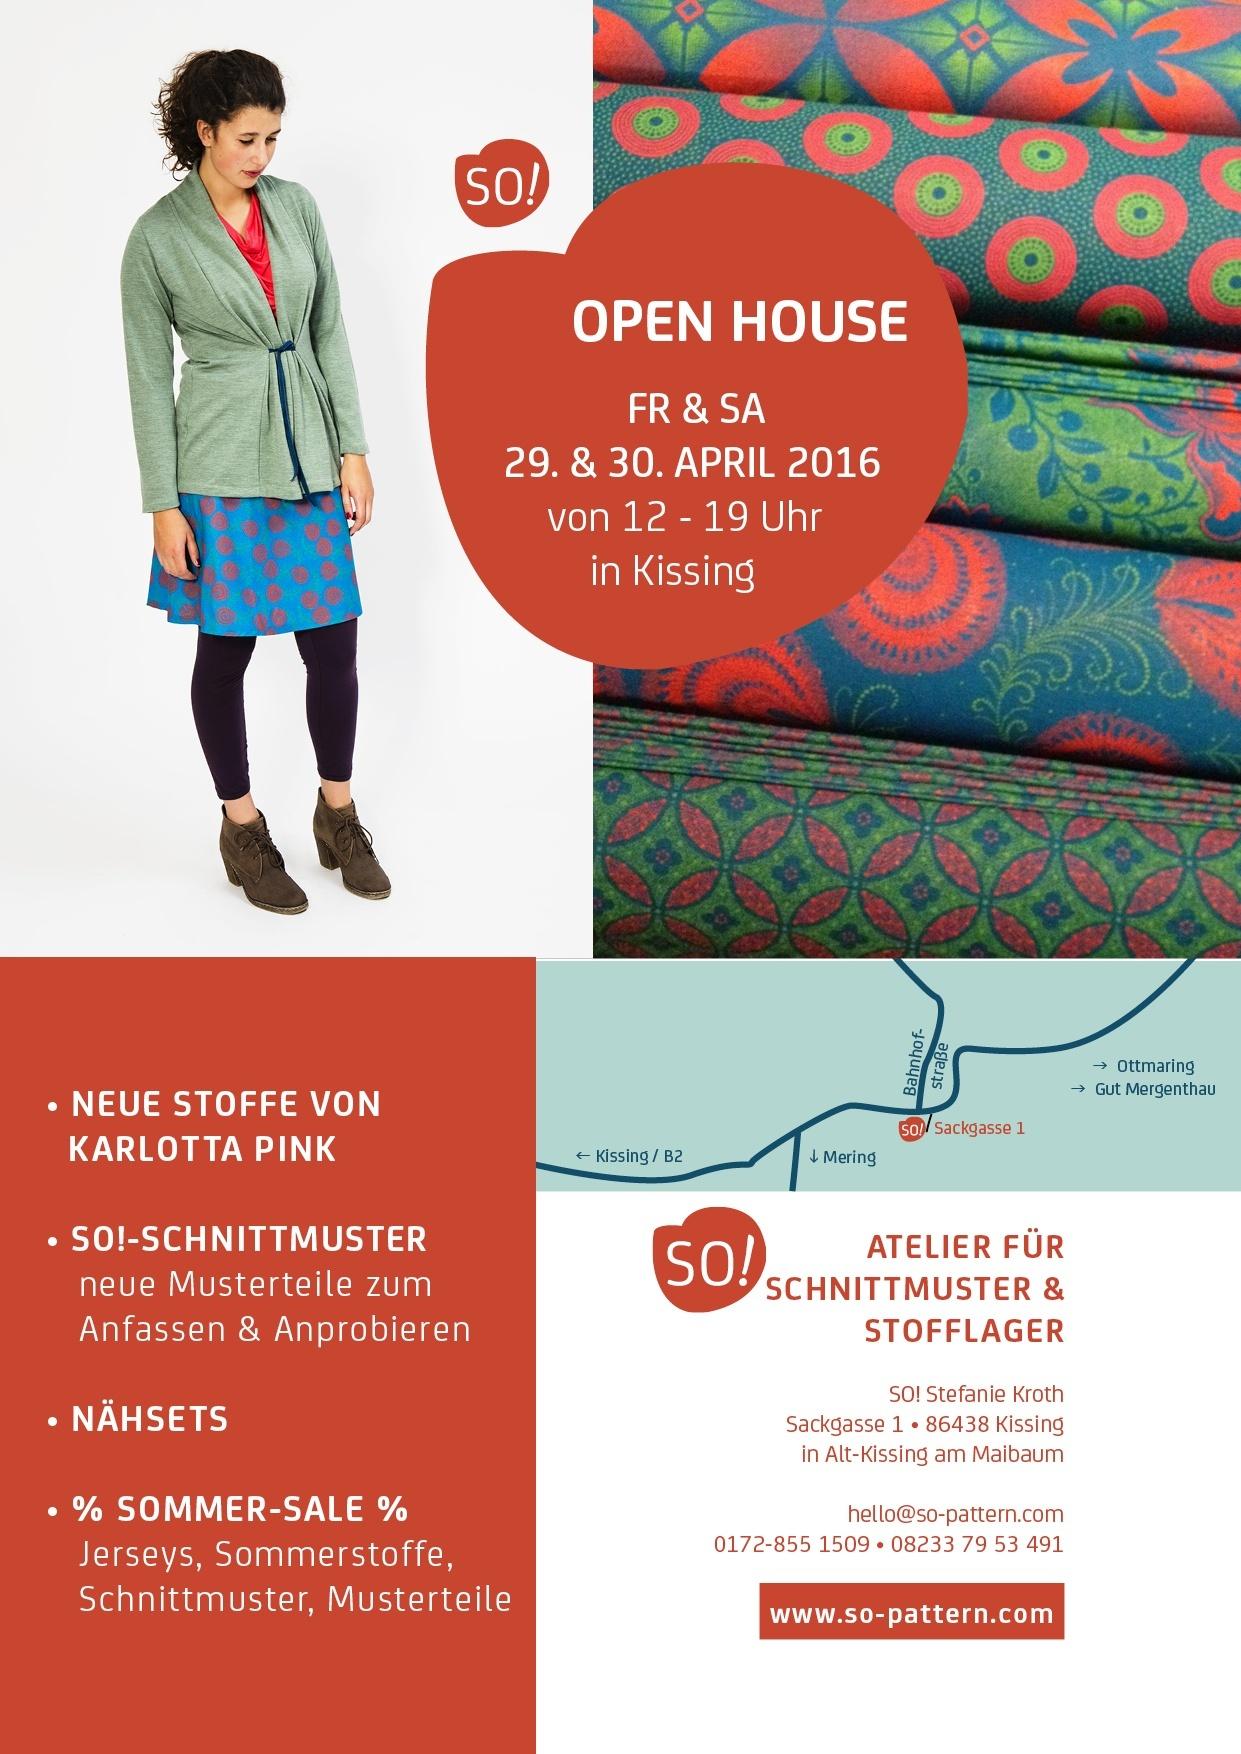 SO_open house